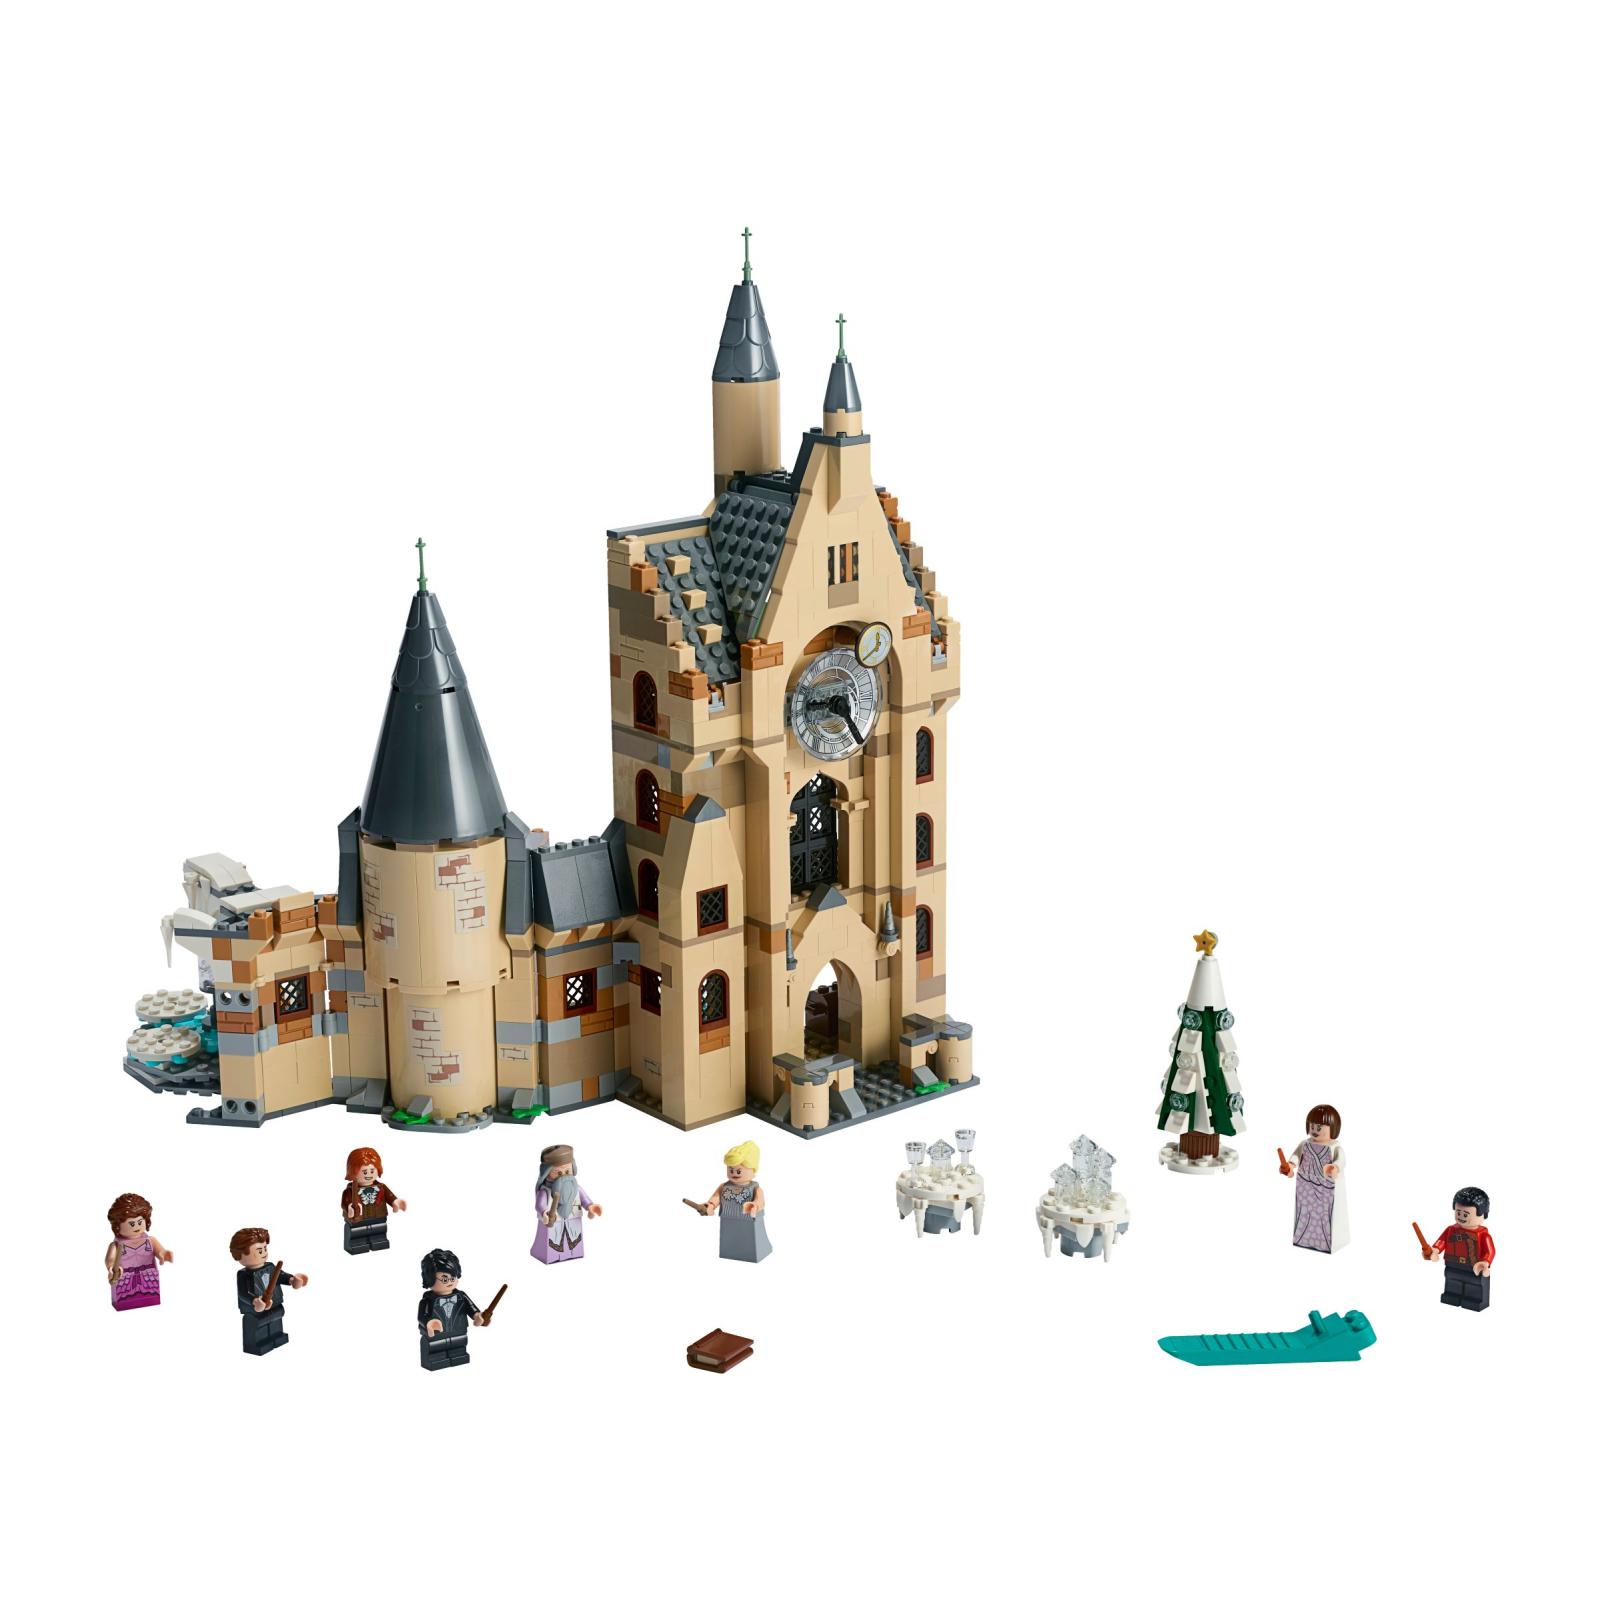 Конструктор LEGO Harry Potter Часовая башня Хогвартса 922 детали (75948) изображение 2